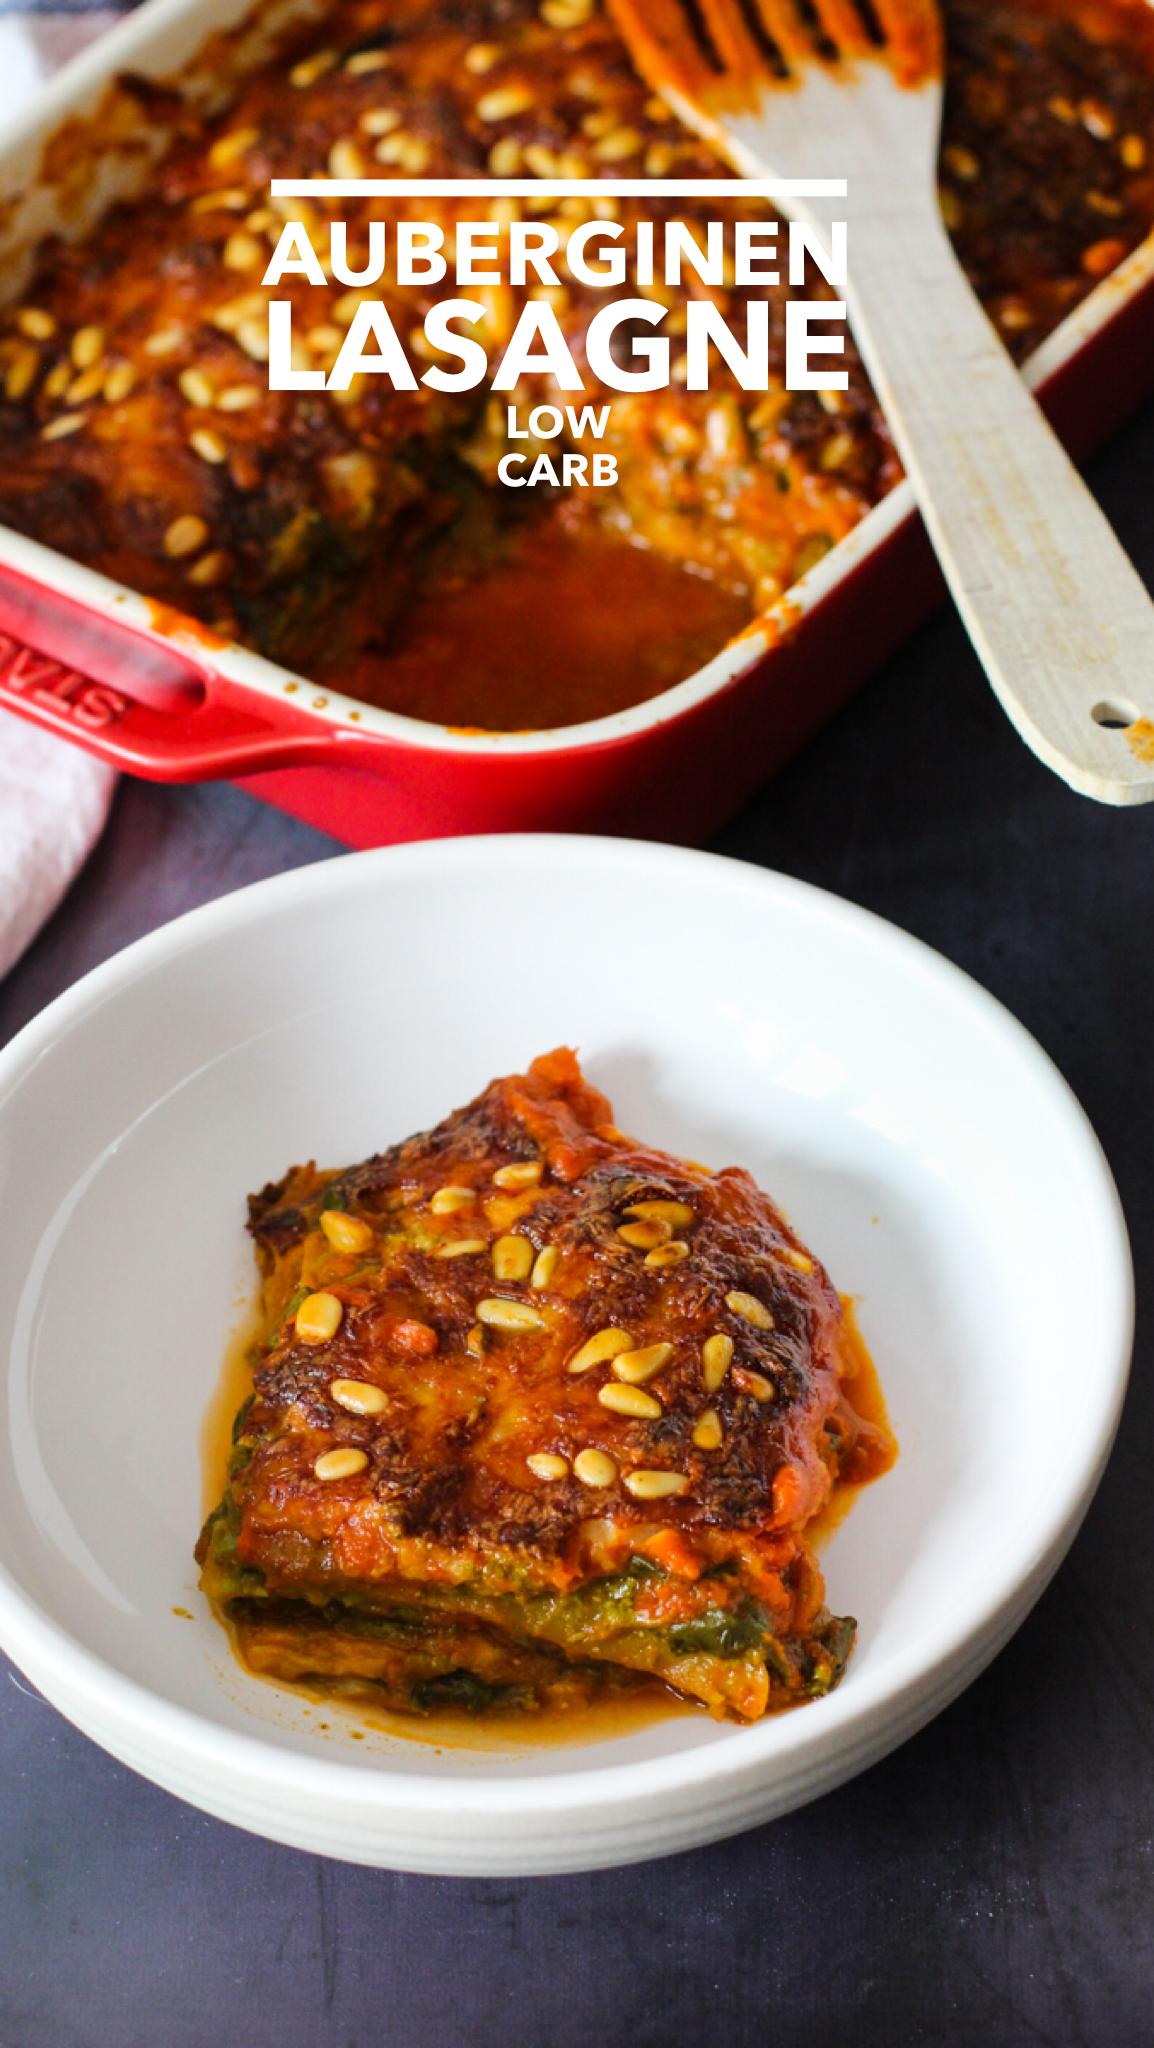 Auberginen Lasagne. Low Carb und ohne Fleisch.